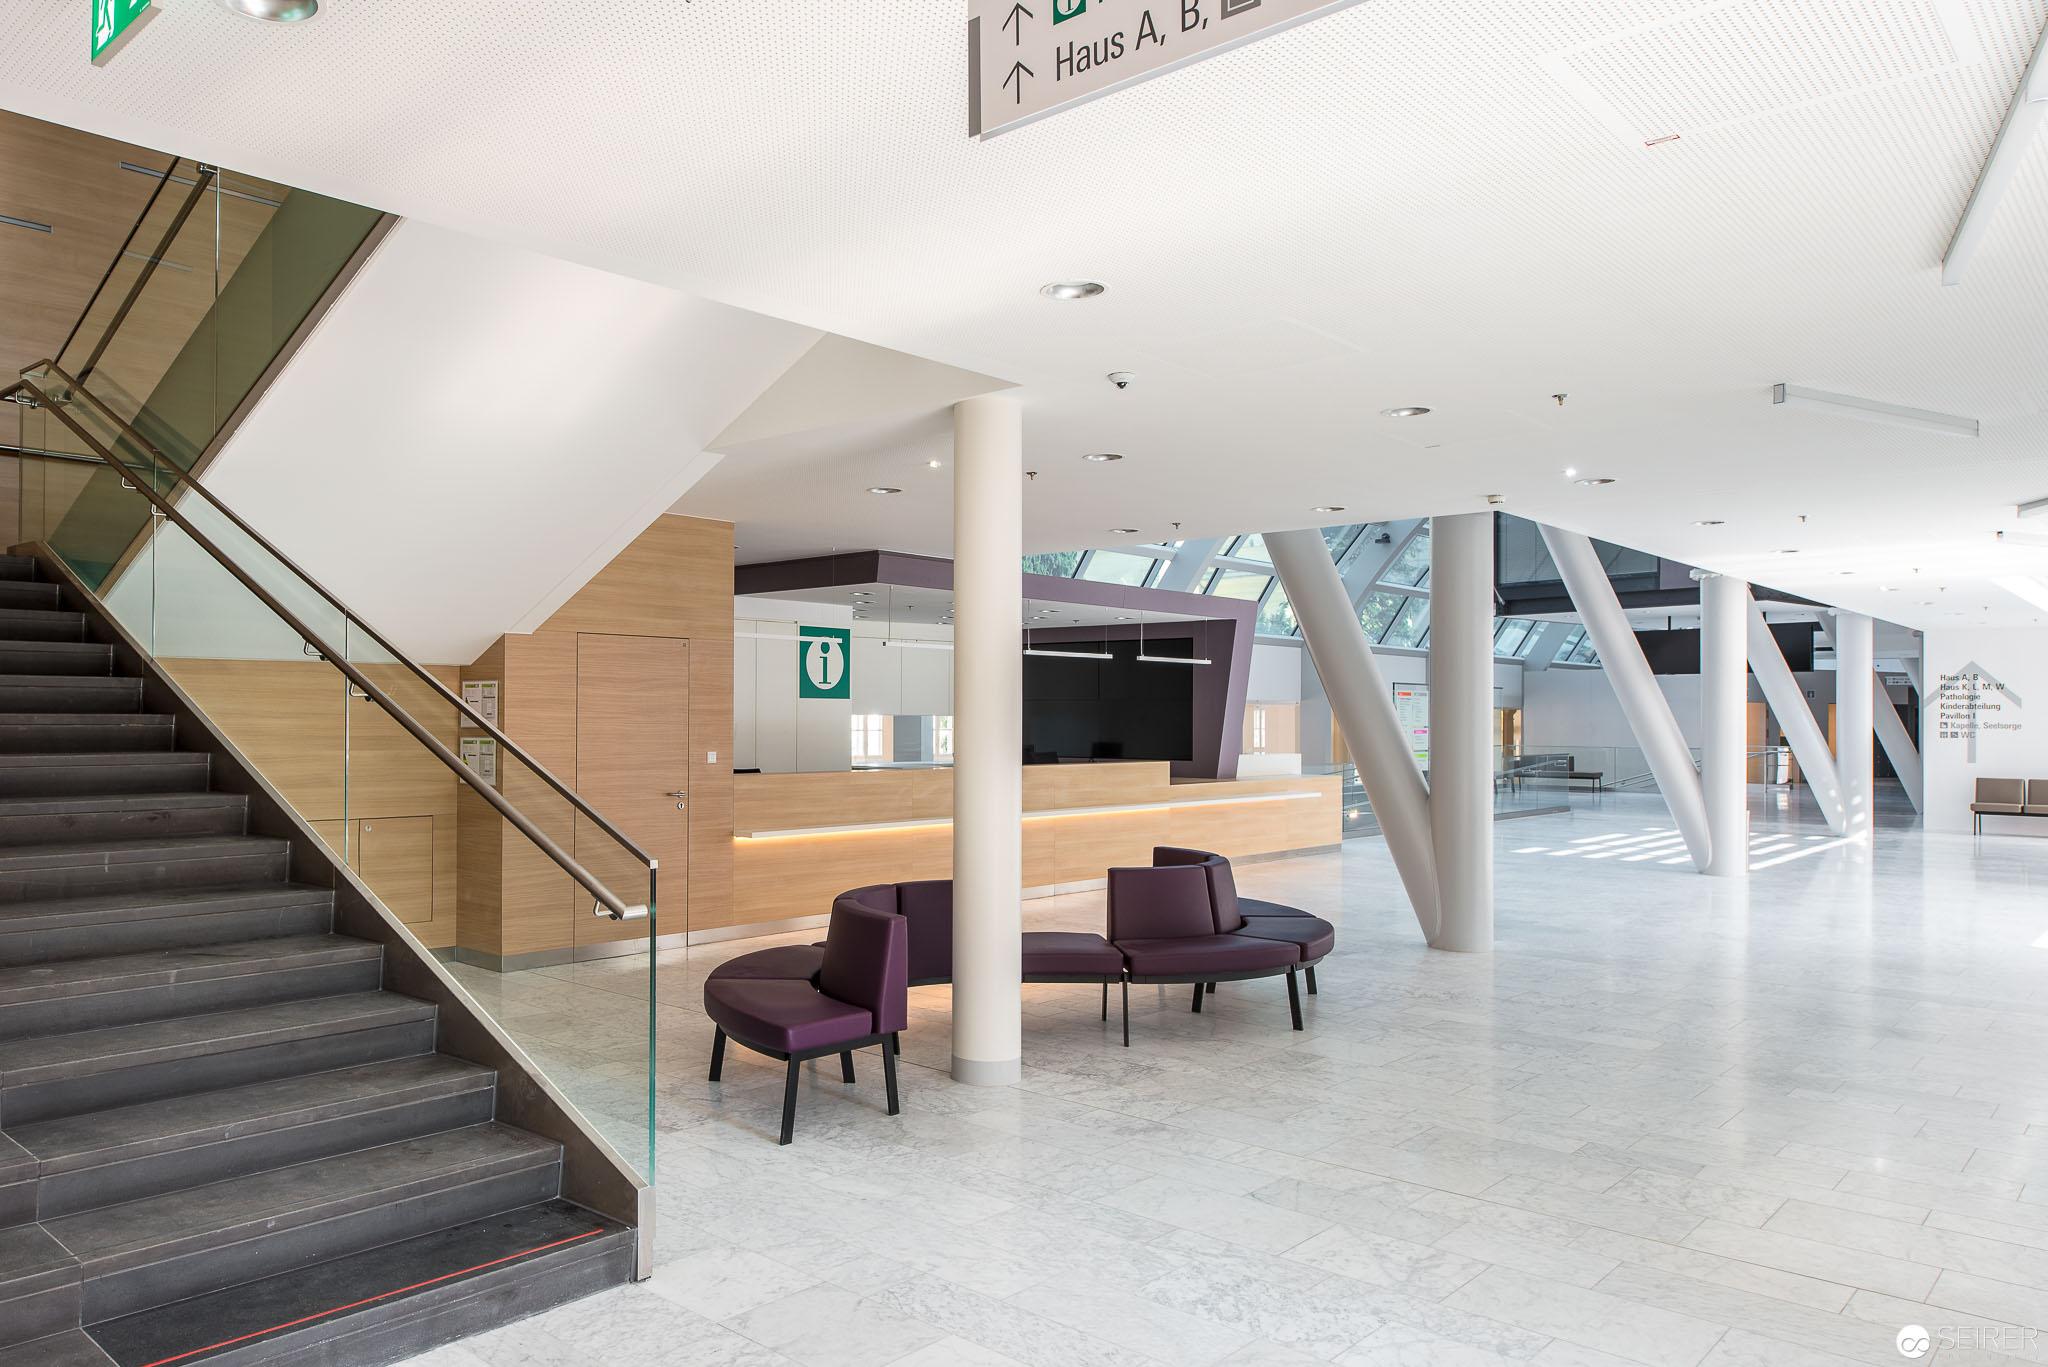 Eingangsbereich von Haus C,Universitätsklinik St. Pölten